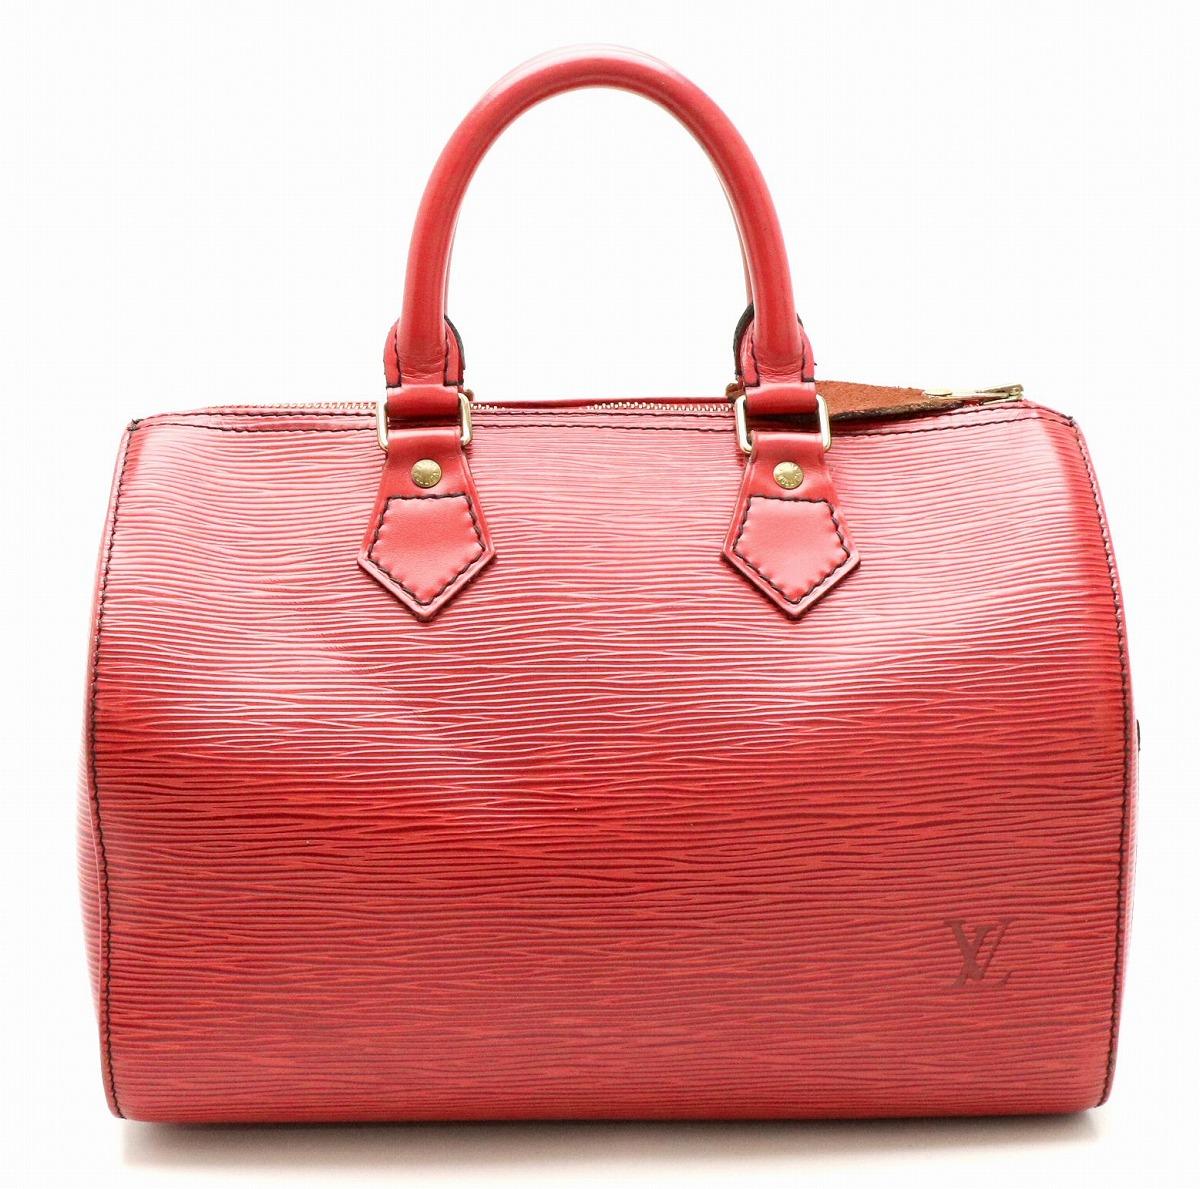 【バッグ】LOUIS VUITTON ルイ ヴィトン エピ スピーディ25 ハンドバッグ ボストンバッグ レザー カスティリアンレッド 赤 M43017 【中古】【k】